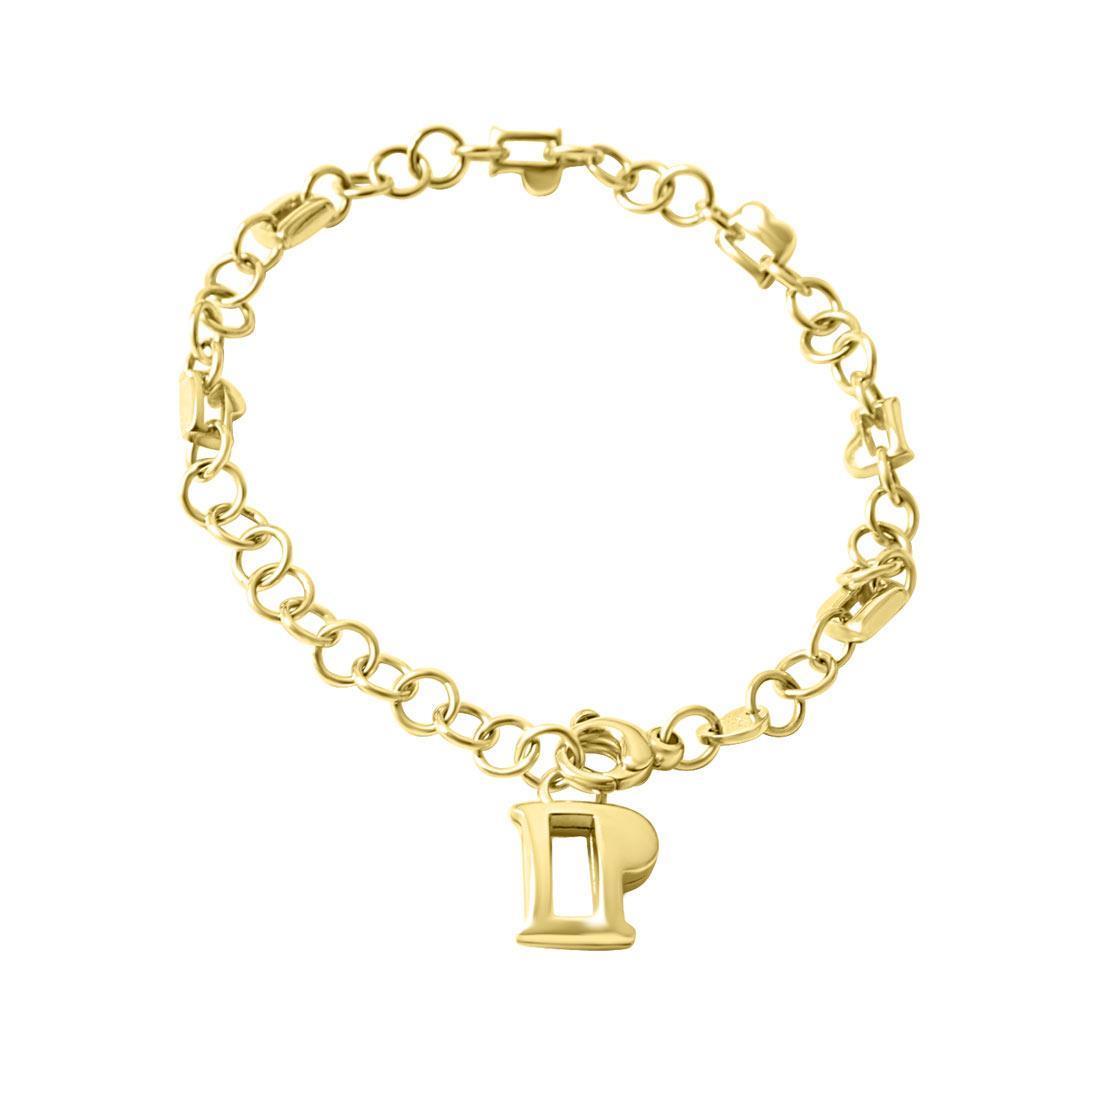 Bracciale i in oro giallo con charms e rubini ct 0.06 - PASQUALE BRUNI